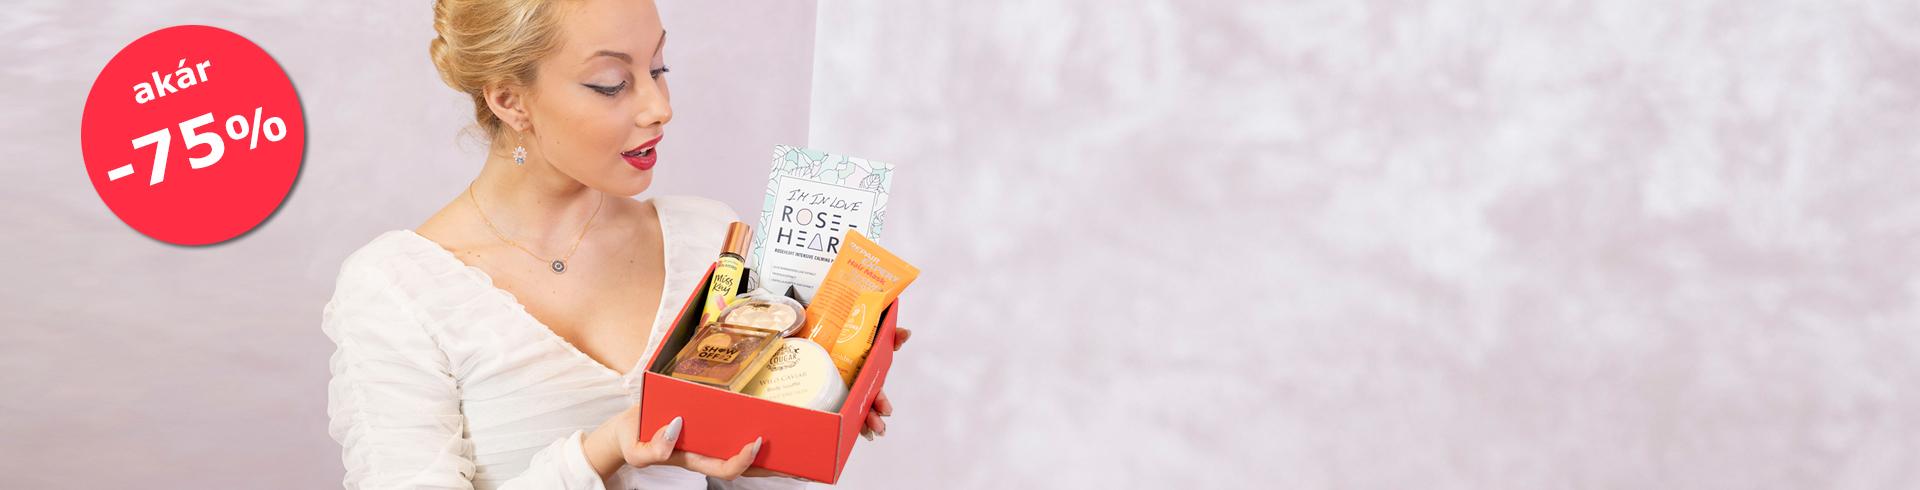 Az első és egyetlen személyre szabott kozmetikai doboz